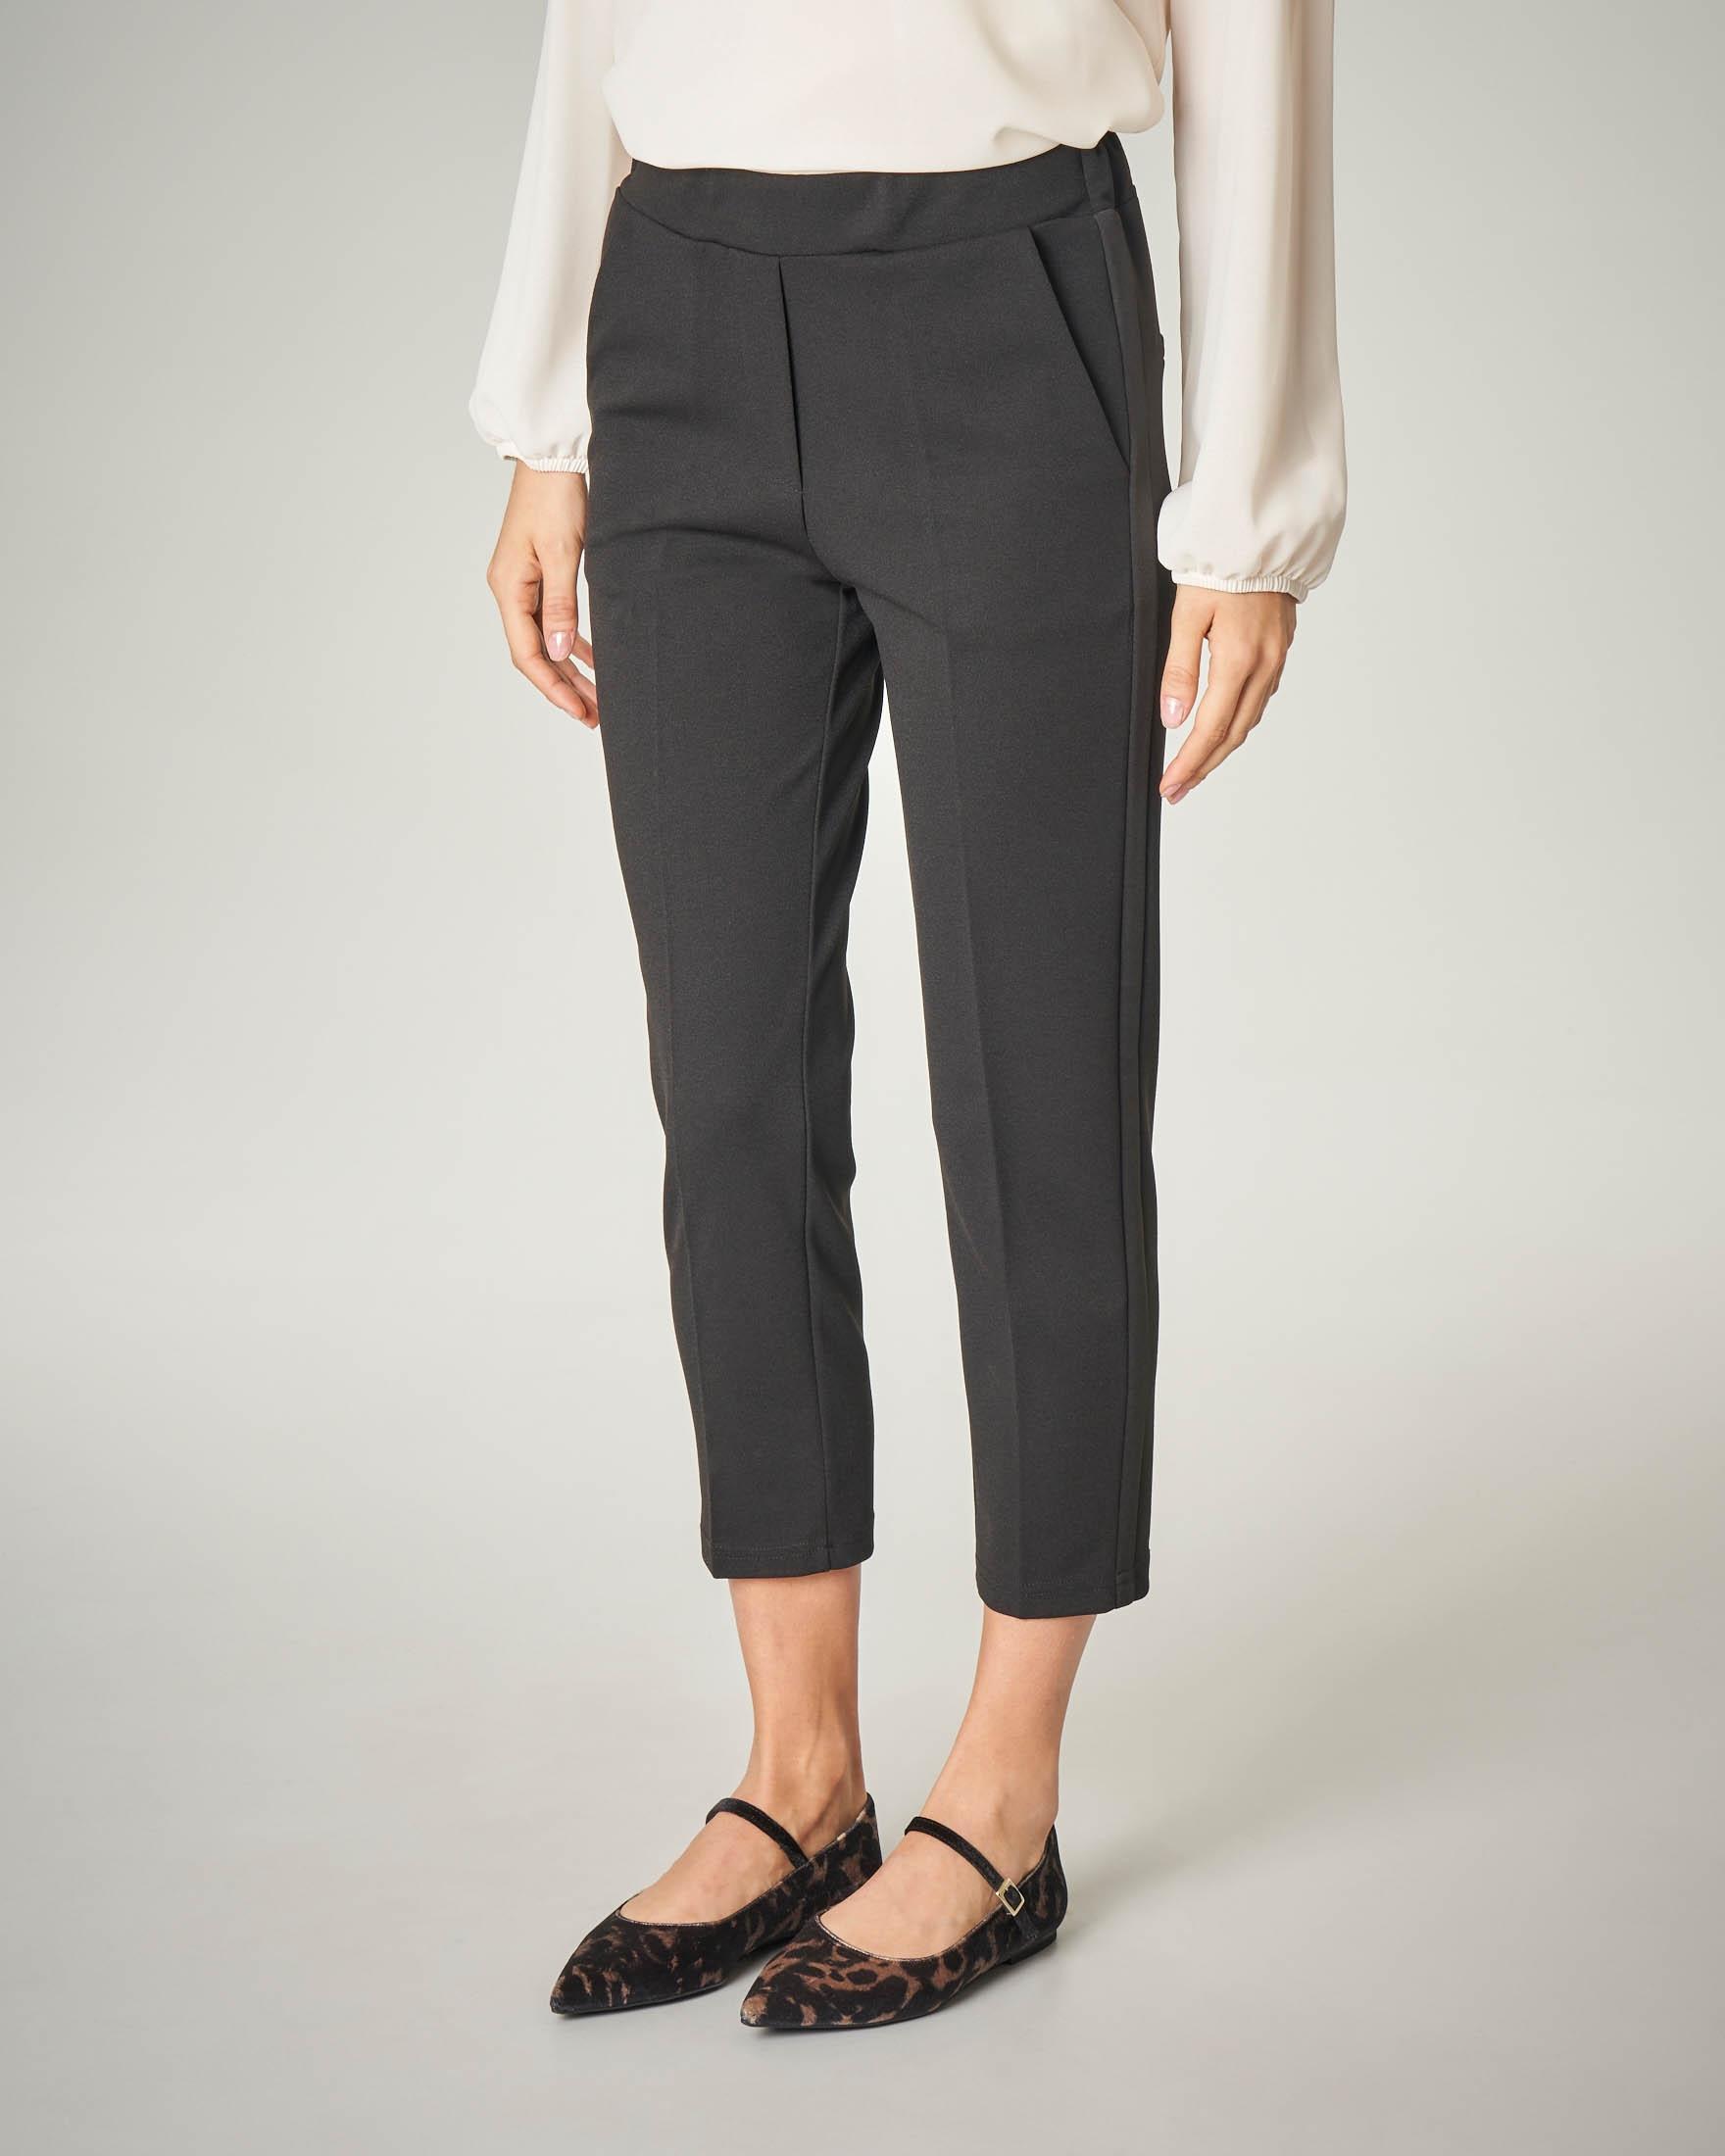 Pantalone nero con bande laterali in raso